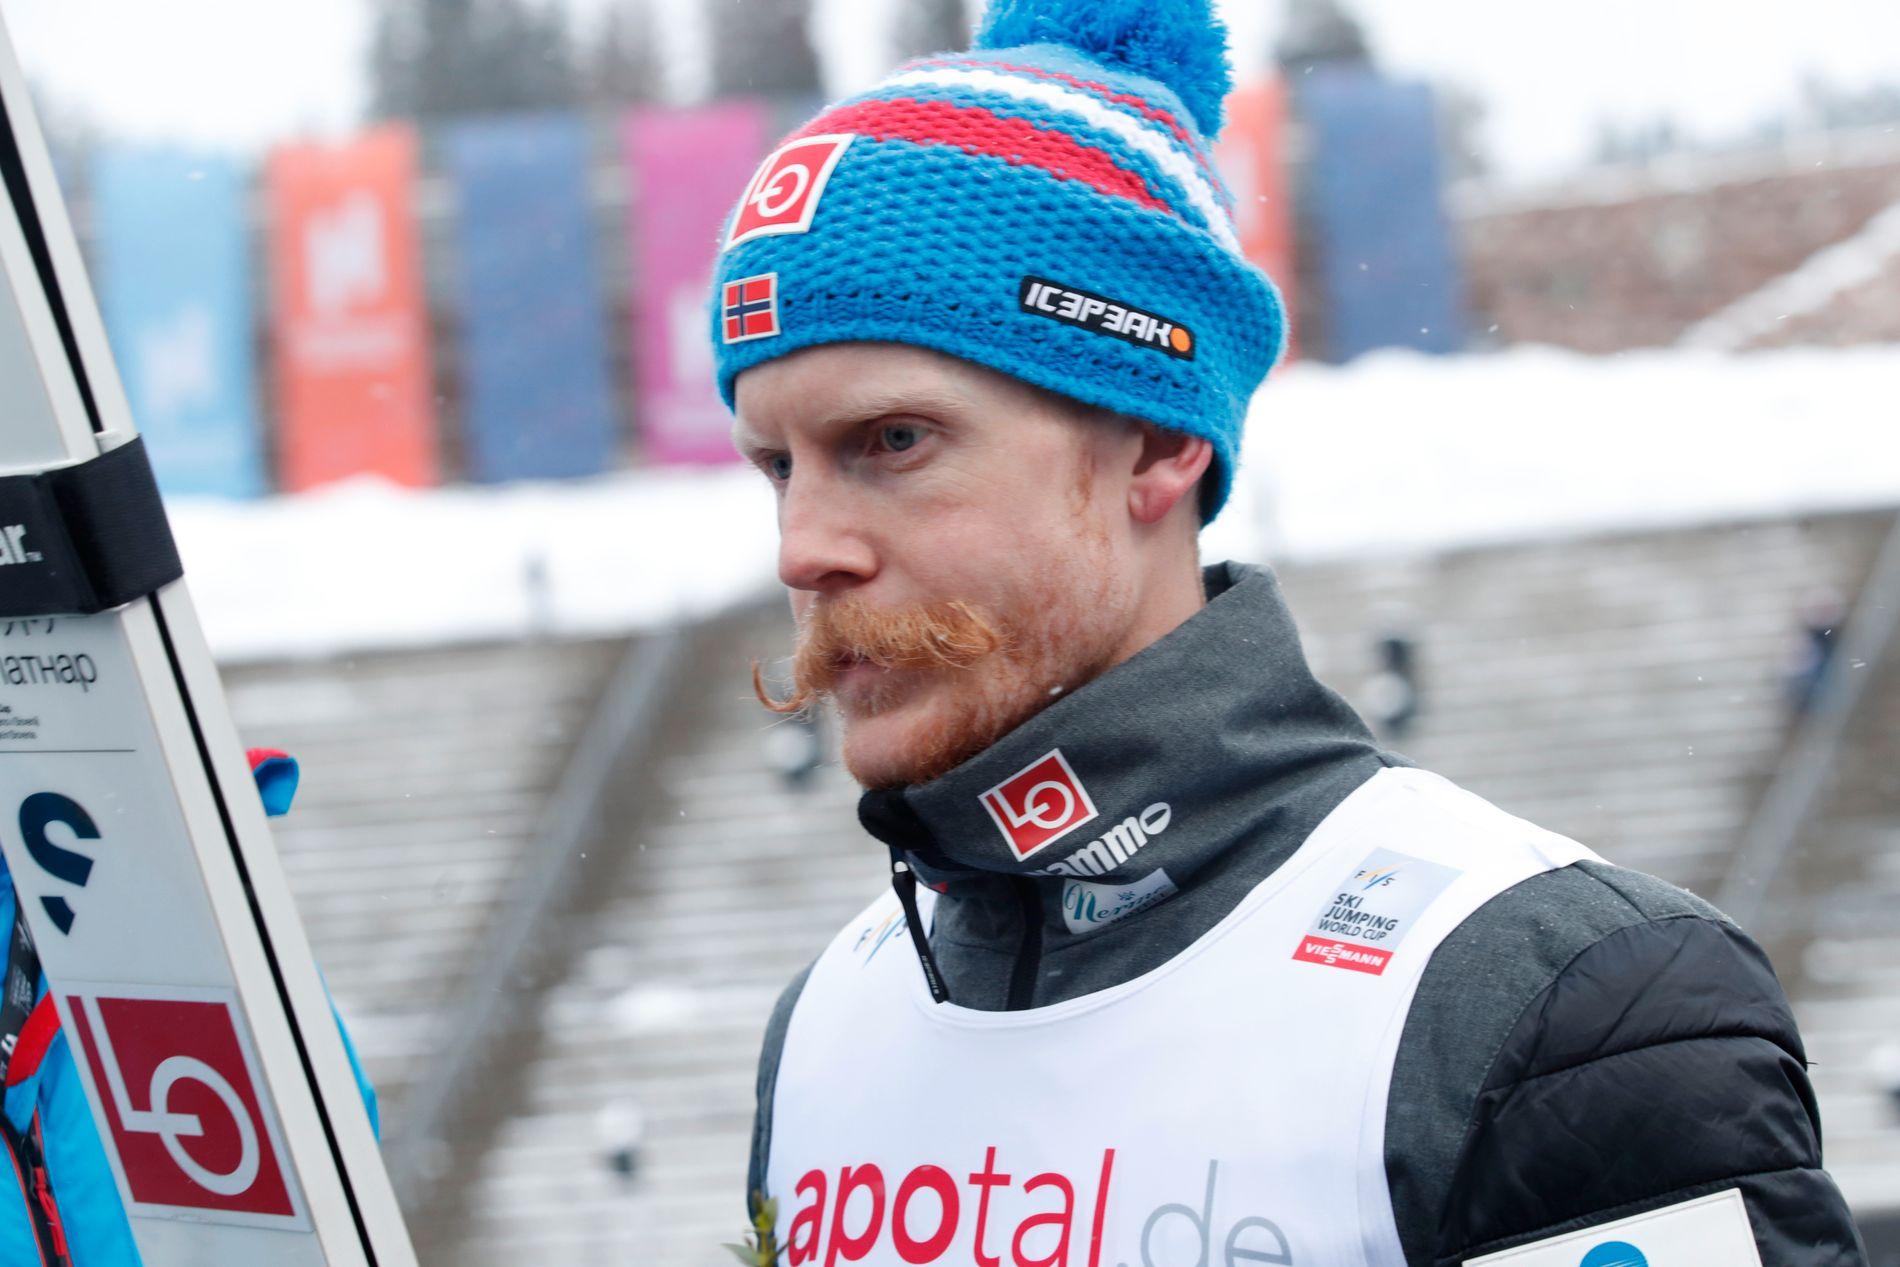 LITT BAK: Etter å ha ledet RawAir til nå, er Robert Johansson i utfordrerposisjon med fire konkurransedager igjen. Her fra Oslo i helgen.